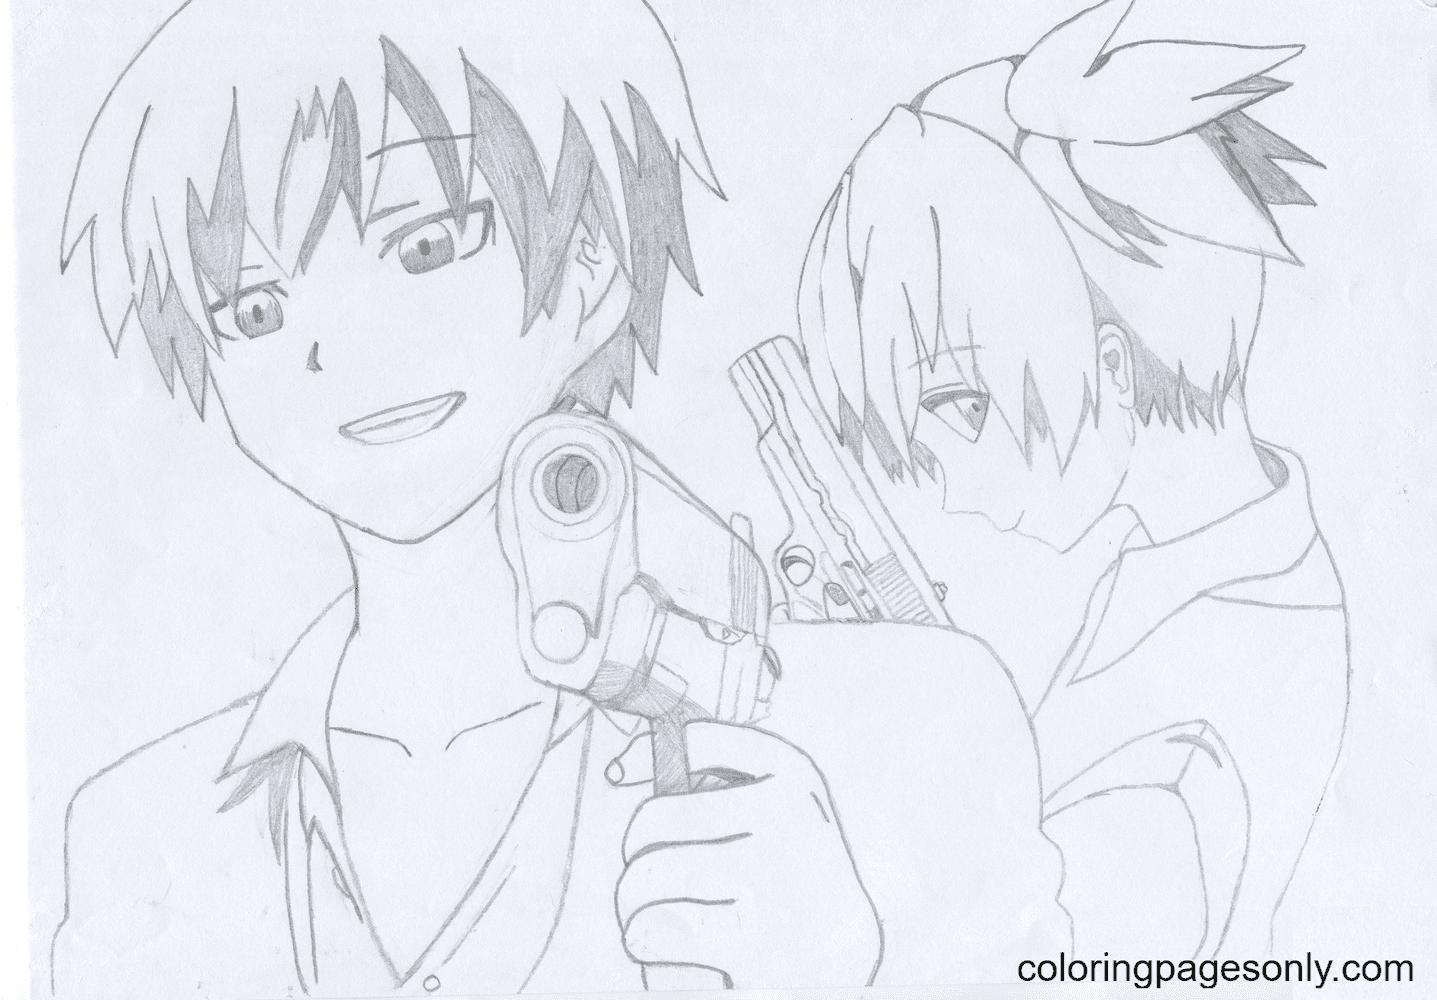 Karma Akabane and Nagisa Shiota Coloring Page